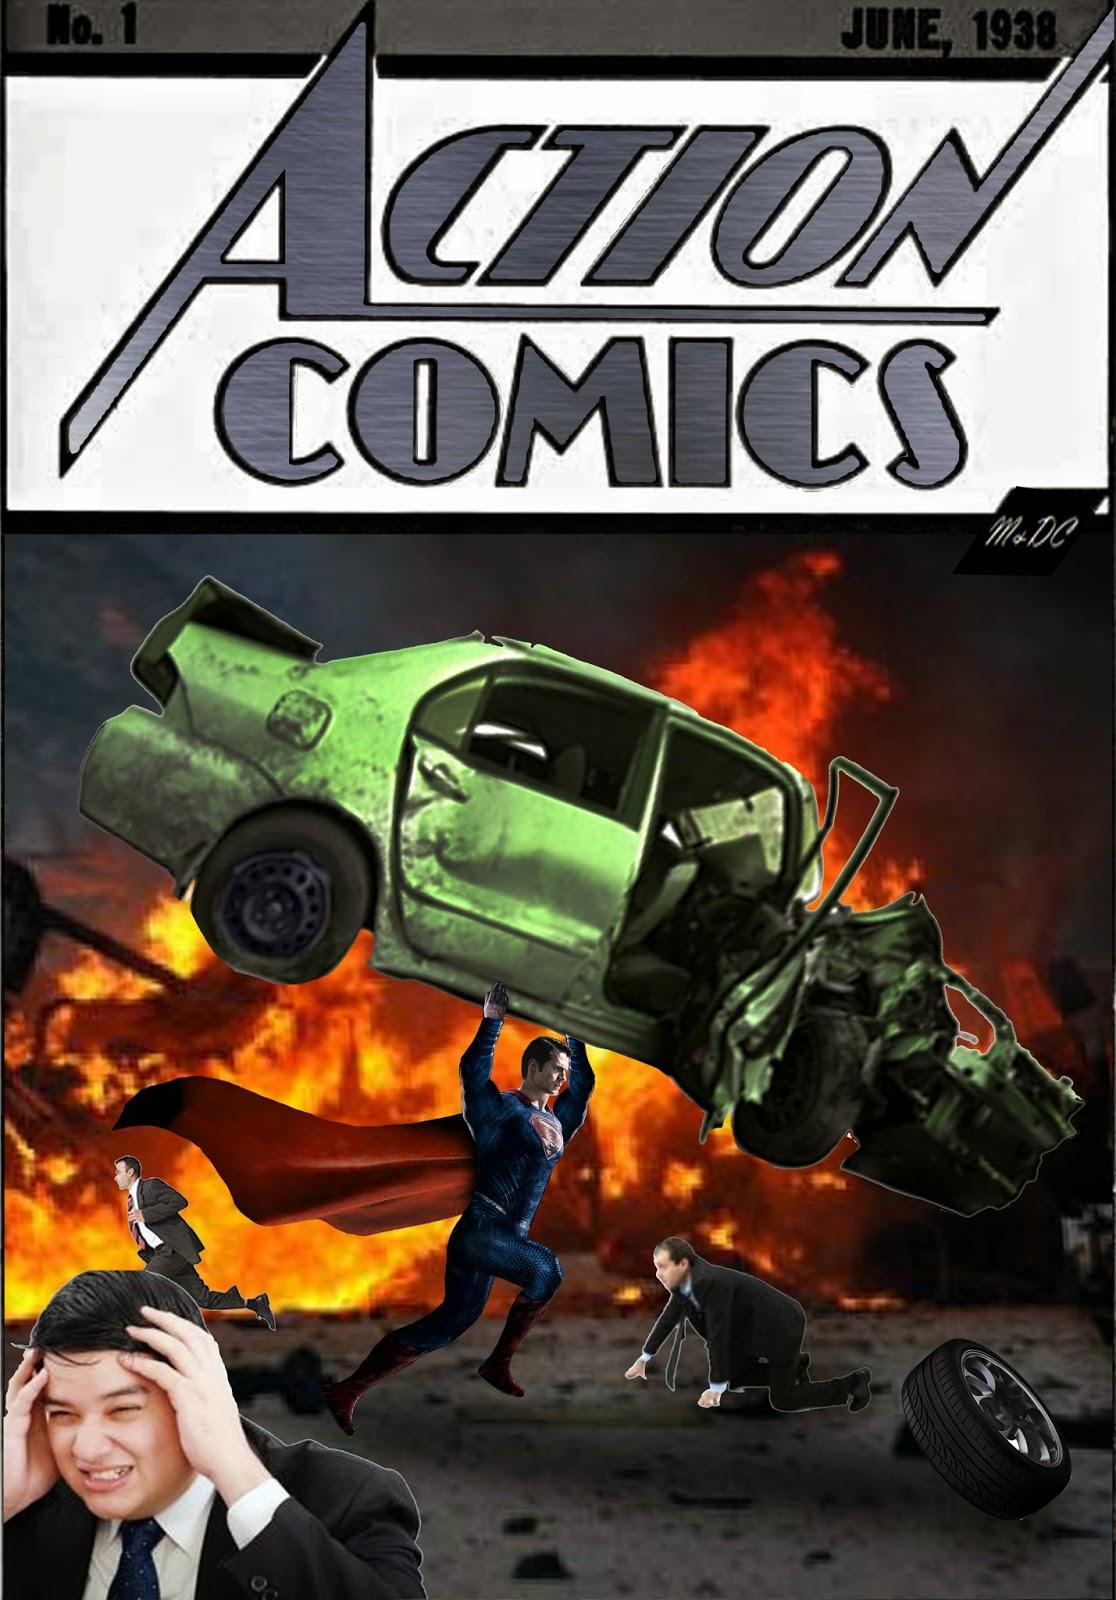 http://2.bp.blogspot.com/-CZcqTSr8Gec/VAtaCSMQMtI/AAAAAAAABwM/P16bh34ShlU/s1600/action_comics__1__man_of_steel_by_fmirza95-d7xw4ix.jpg